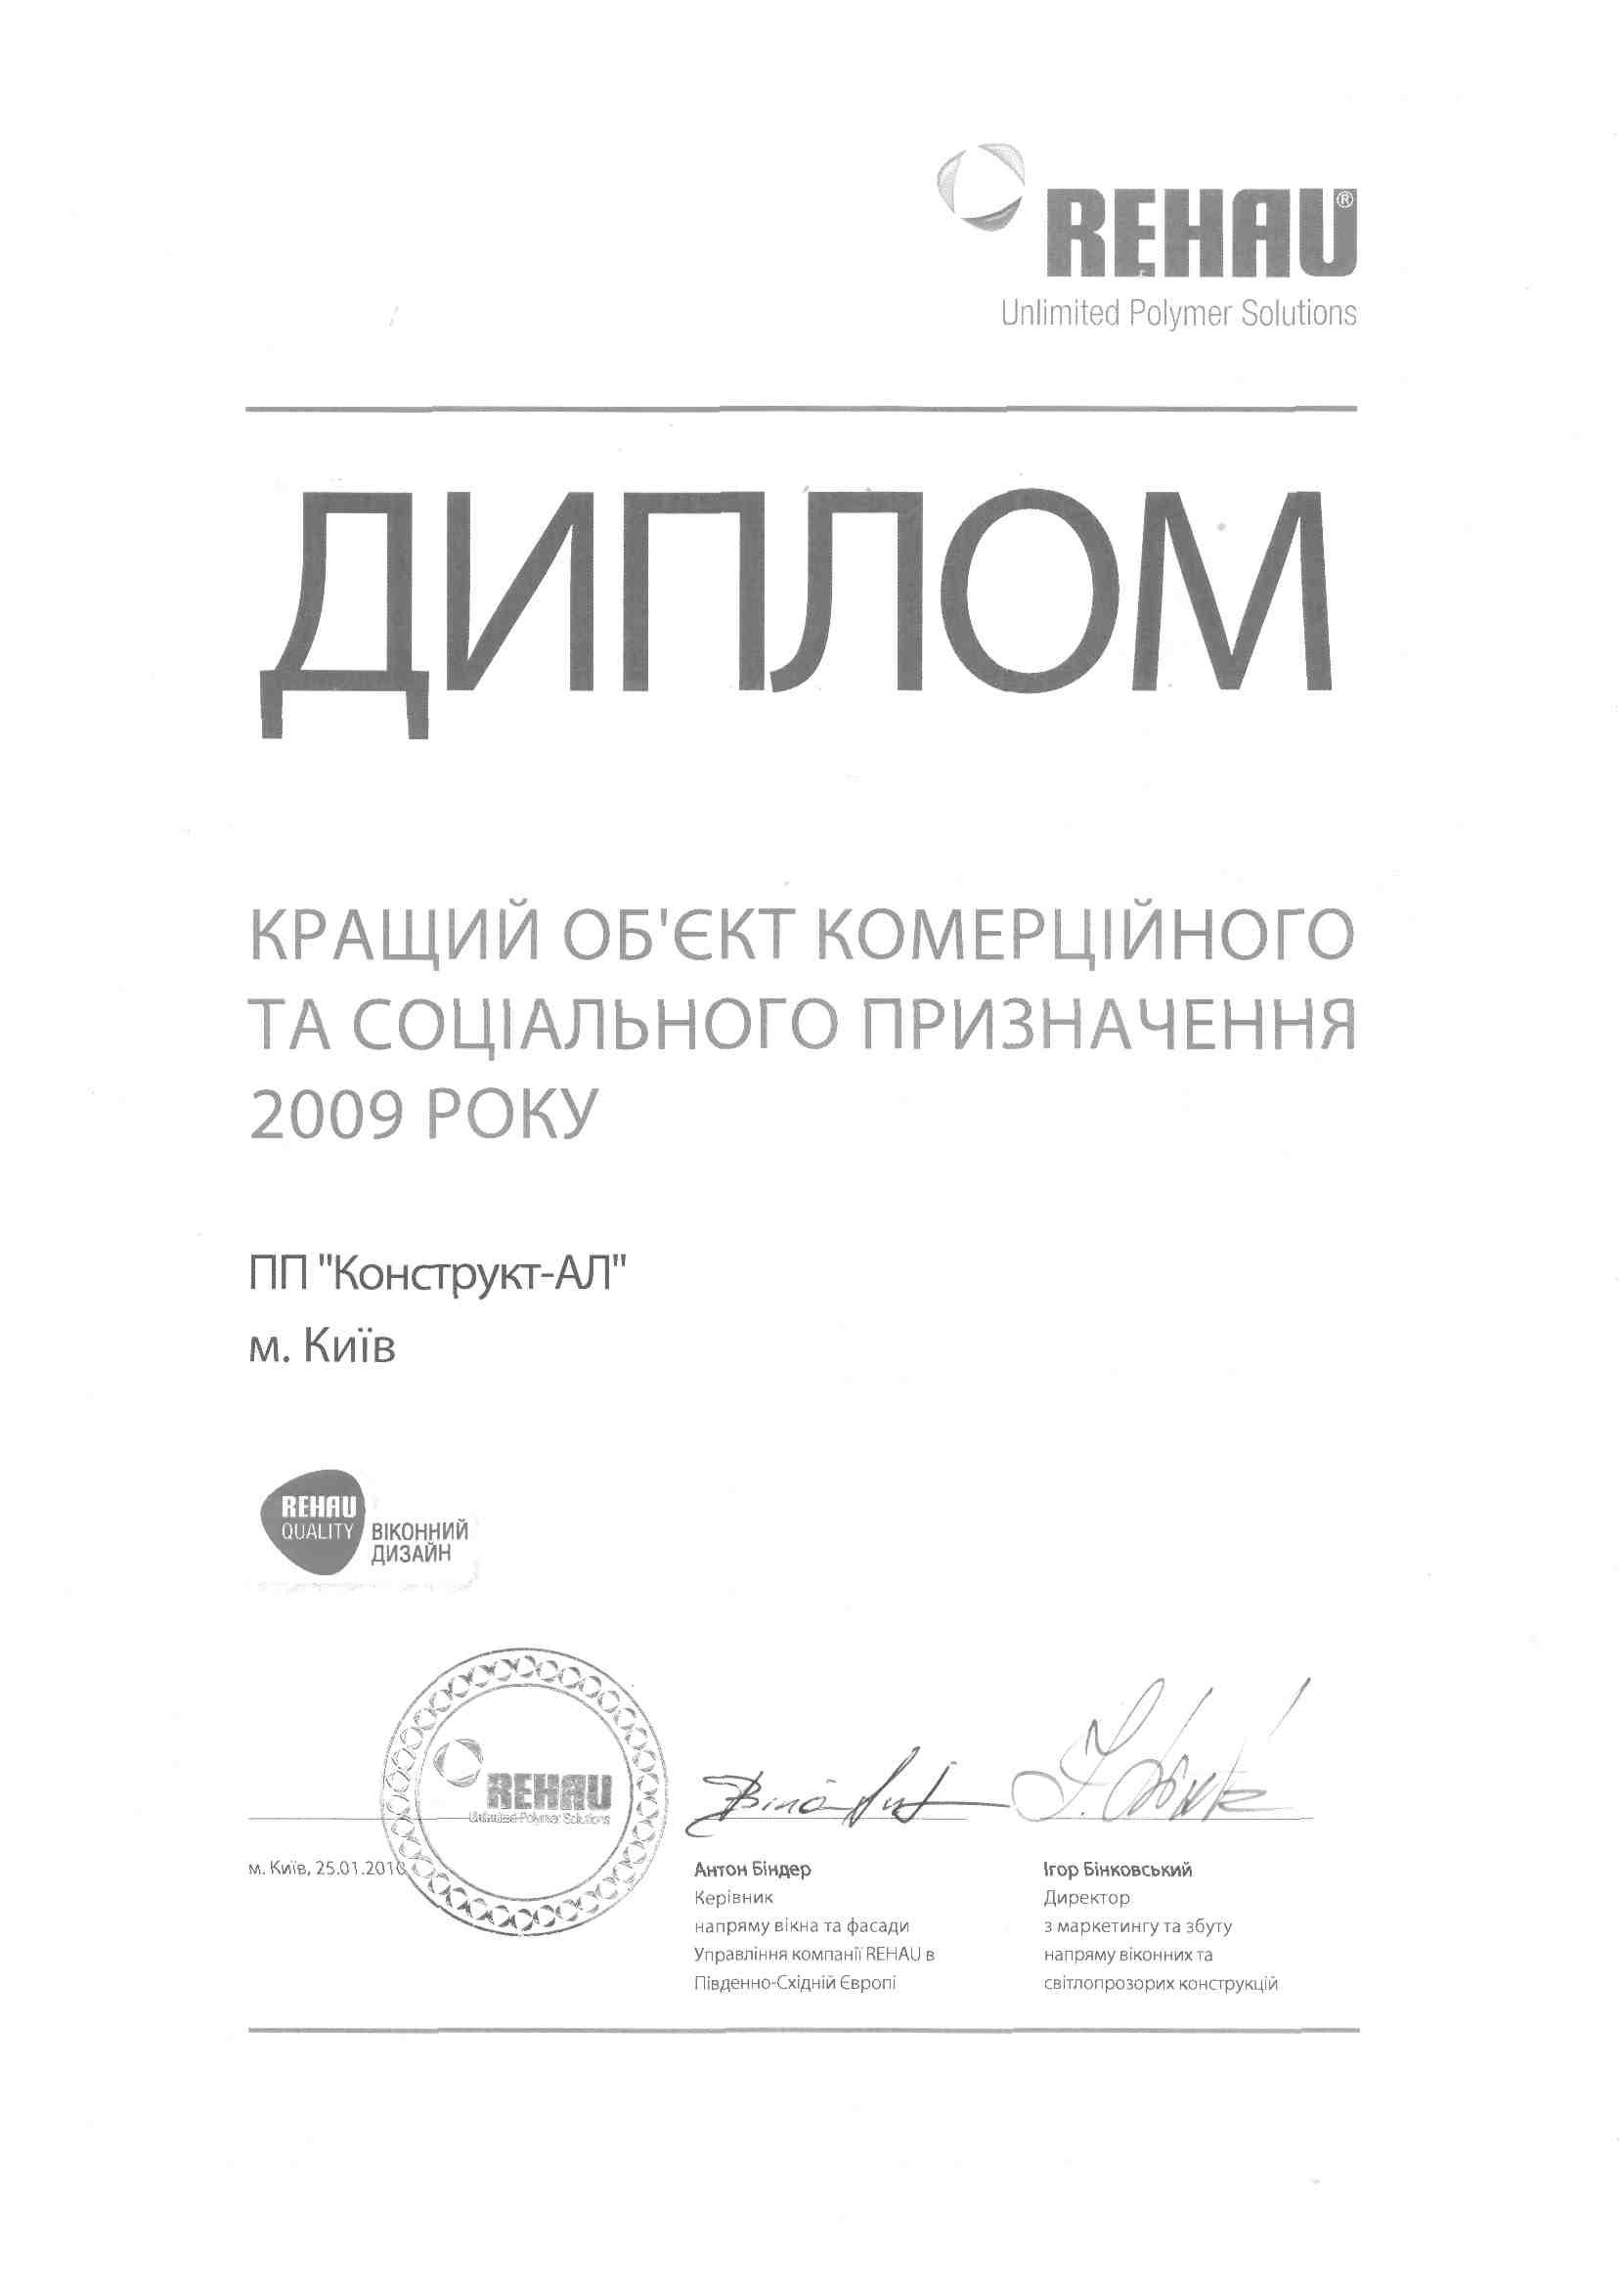 Производство окон в Киеве Компания Конструкт АЛ  Диплом за лучший объект коммерческого и социального предназначения 2009 года компании Конструкт АЛ